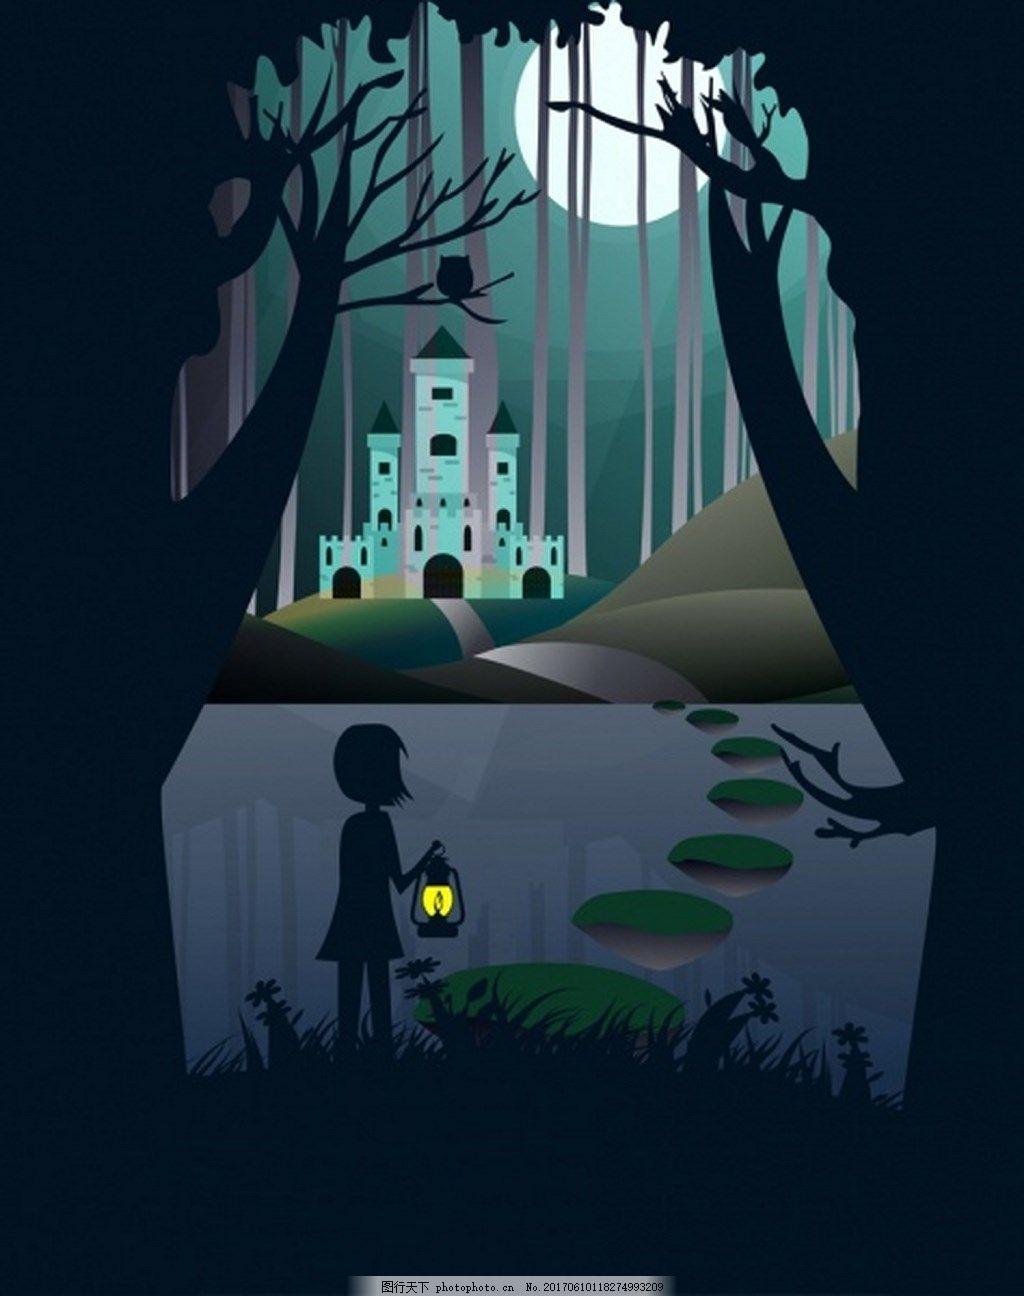 梦想漂亮森林小河背景图 广告 背景素材 免费下载 大树 城堡 圆月